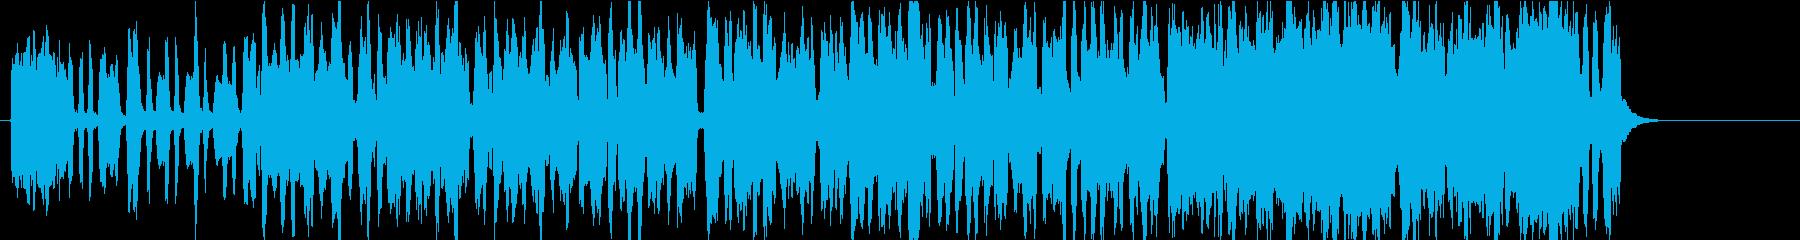 アコーディオンによるほがらかなポップの再生済みの波形